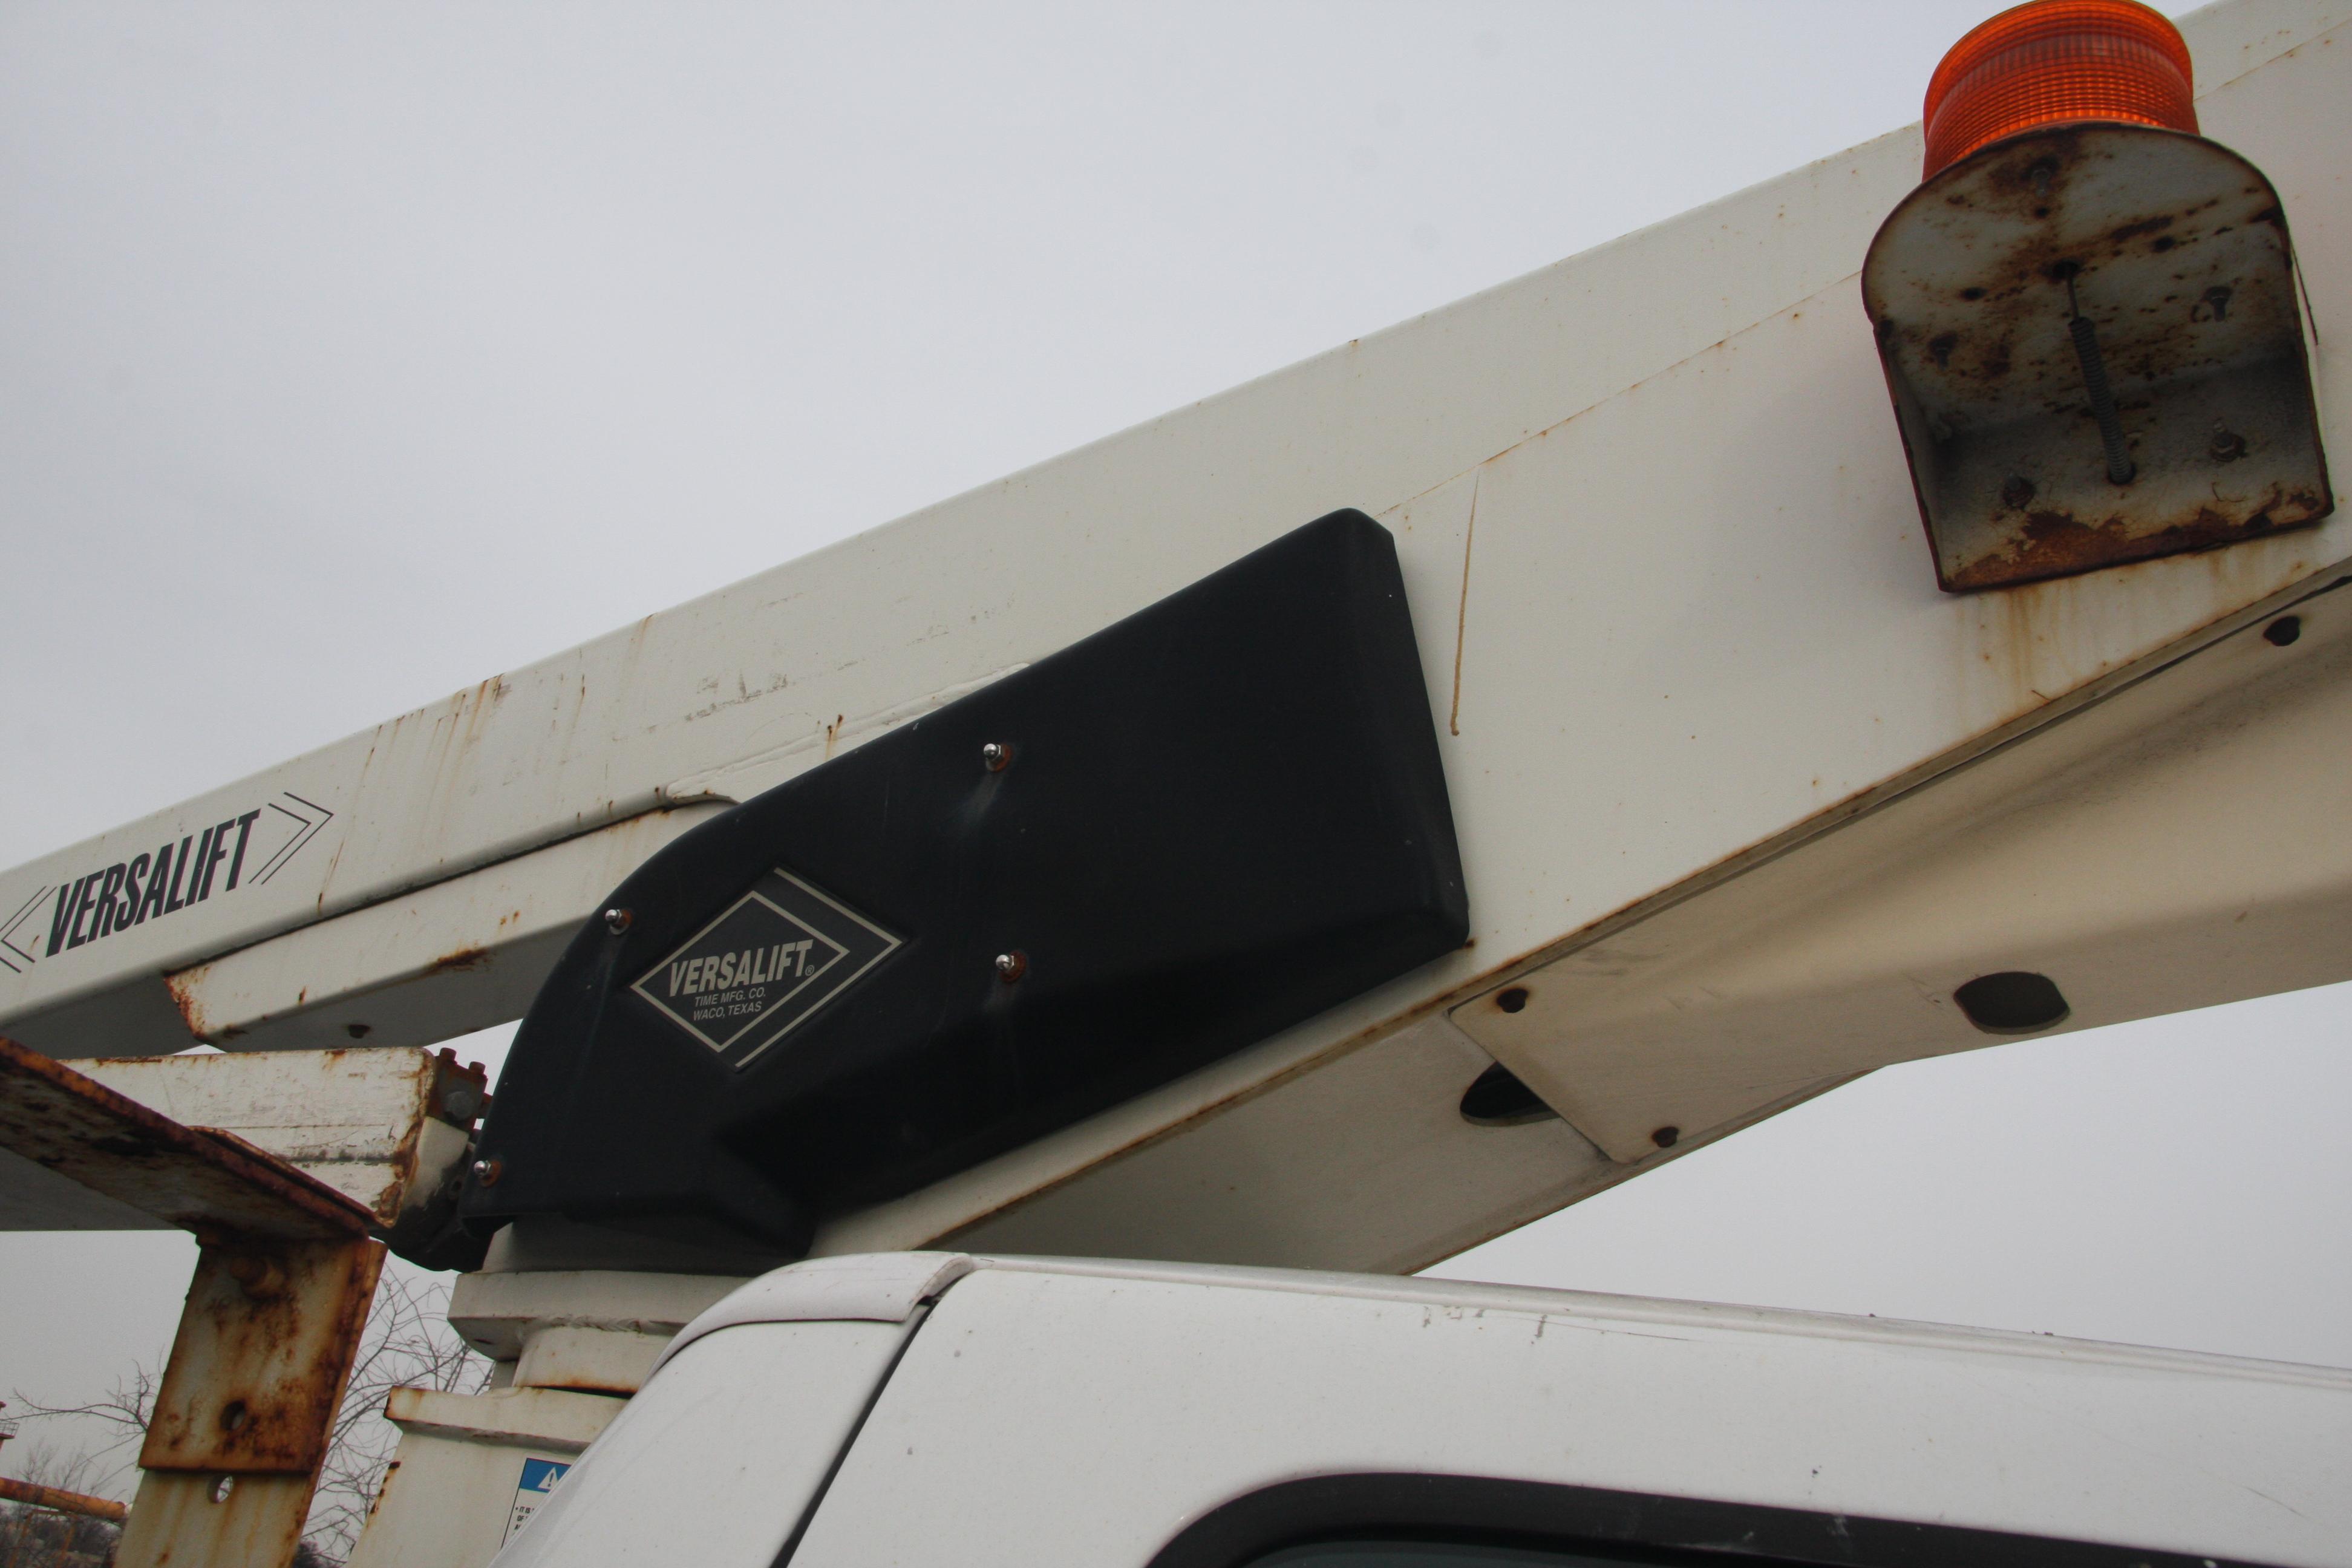 Lot 29 - 2008 FORD F350 XL SUPER DUTY UTILITY TRUCK, VERSALIFT MDL. TEL-29-N/NE ELECTRIC HYDRAULIC BUCKET